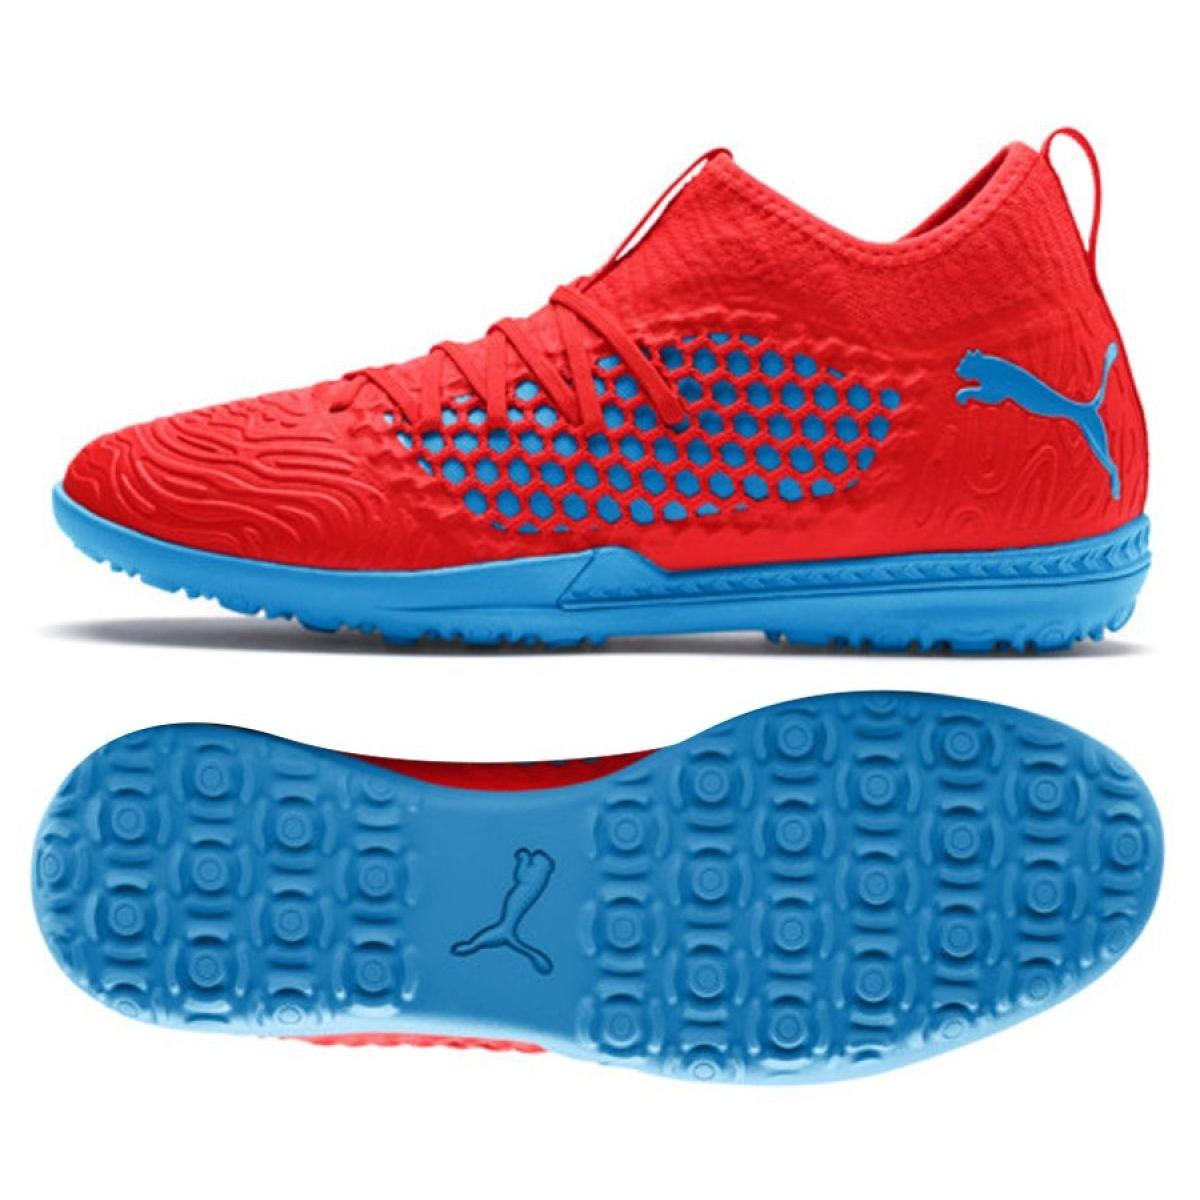 Détails sur Chaussures de football Puma Future 19.3 Netfit Tt M 105542 01